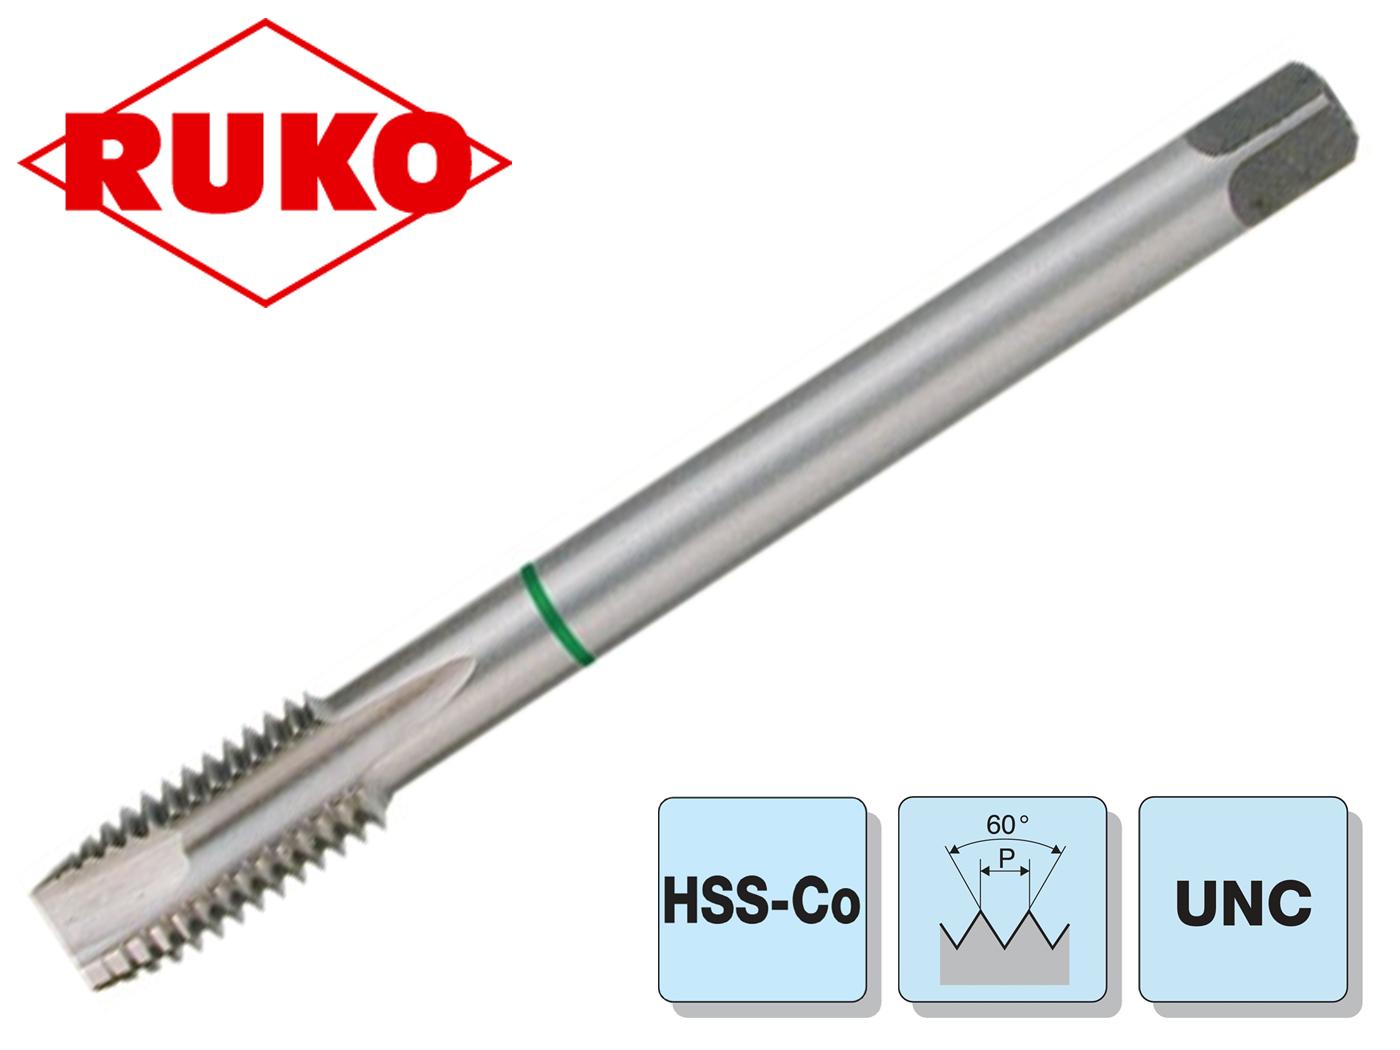 Machinetappen UNC DIN 2183. B HSSE Co 5 geslepen   DKMTools - DKM Tools